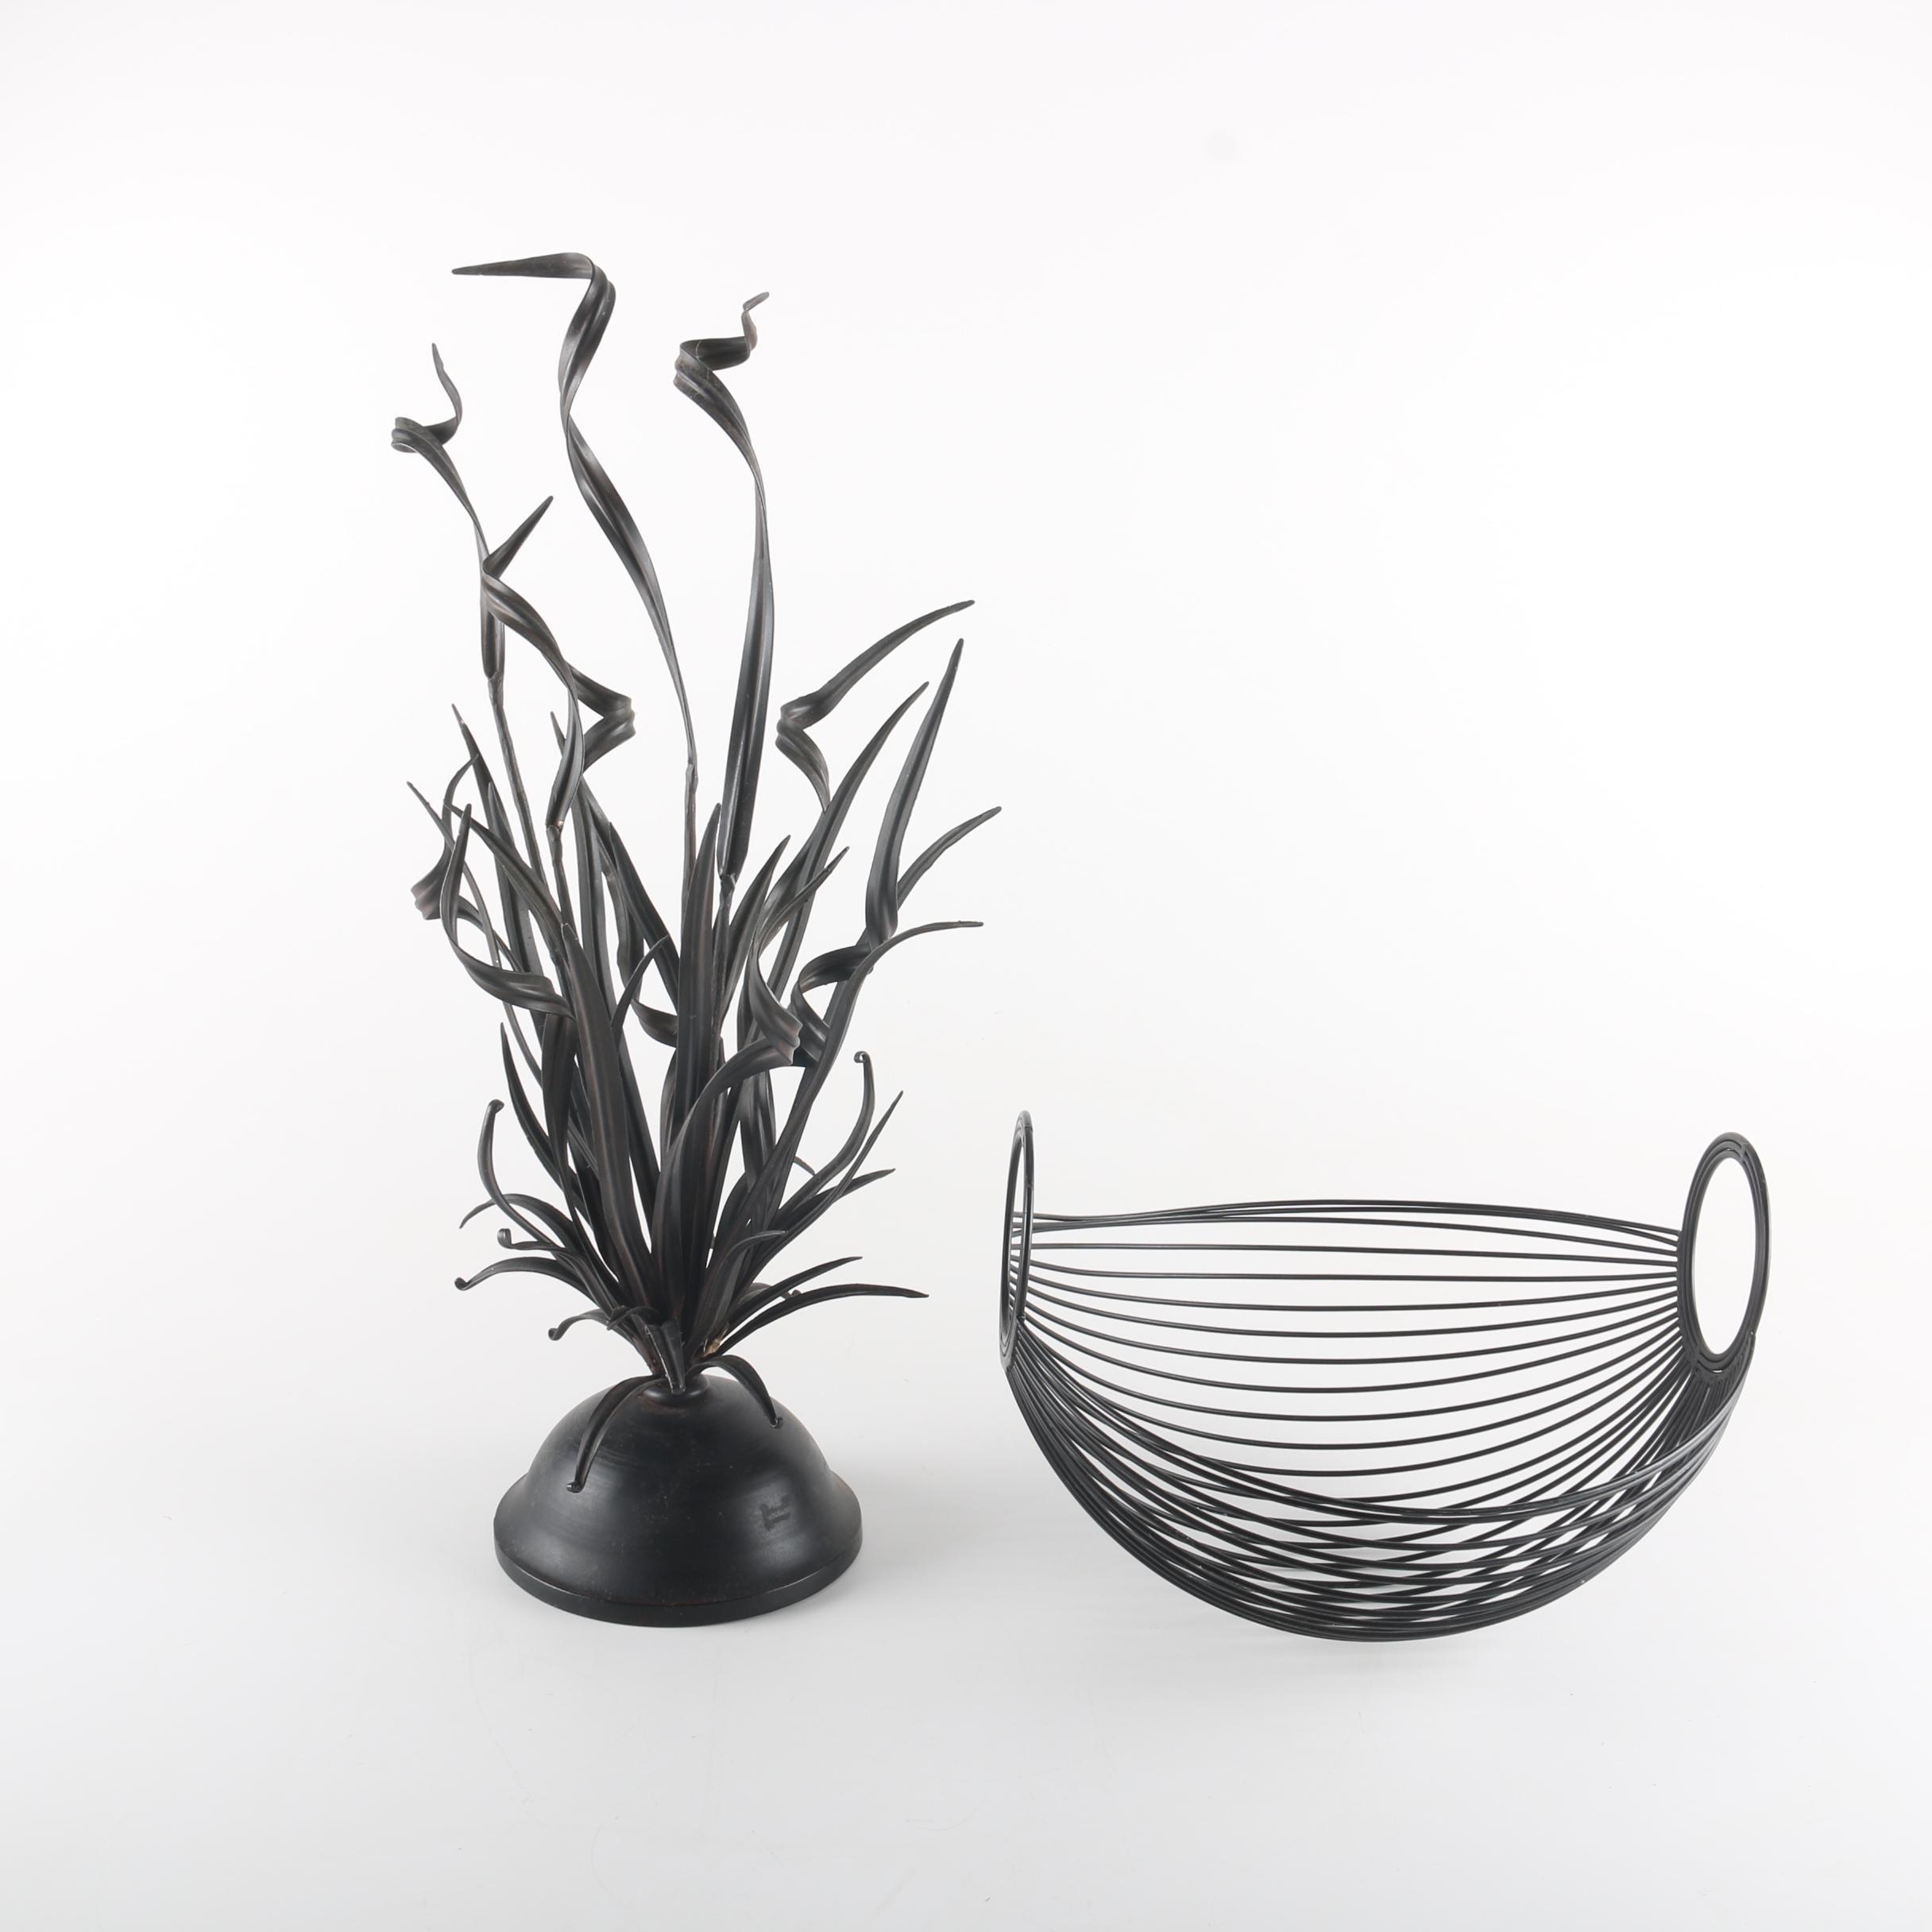 Metal Basket and Metal Grass Sculpture